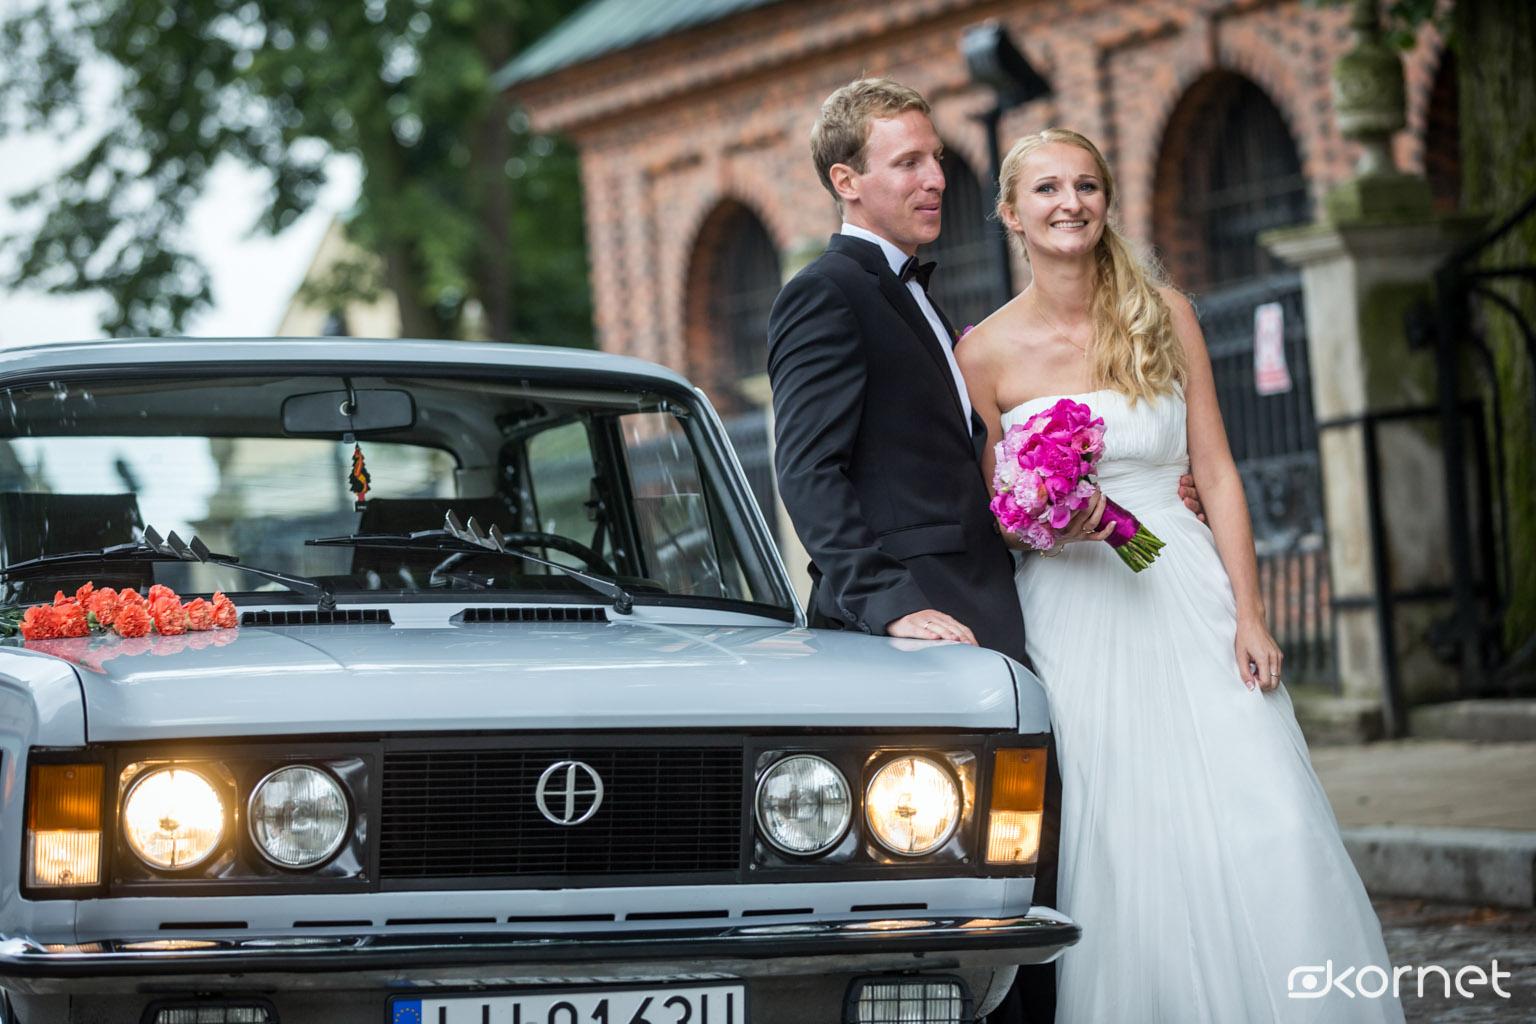 , KASIA & JONY, Fotografia Ślubna Lublin Wojtek Kornet